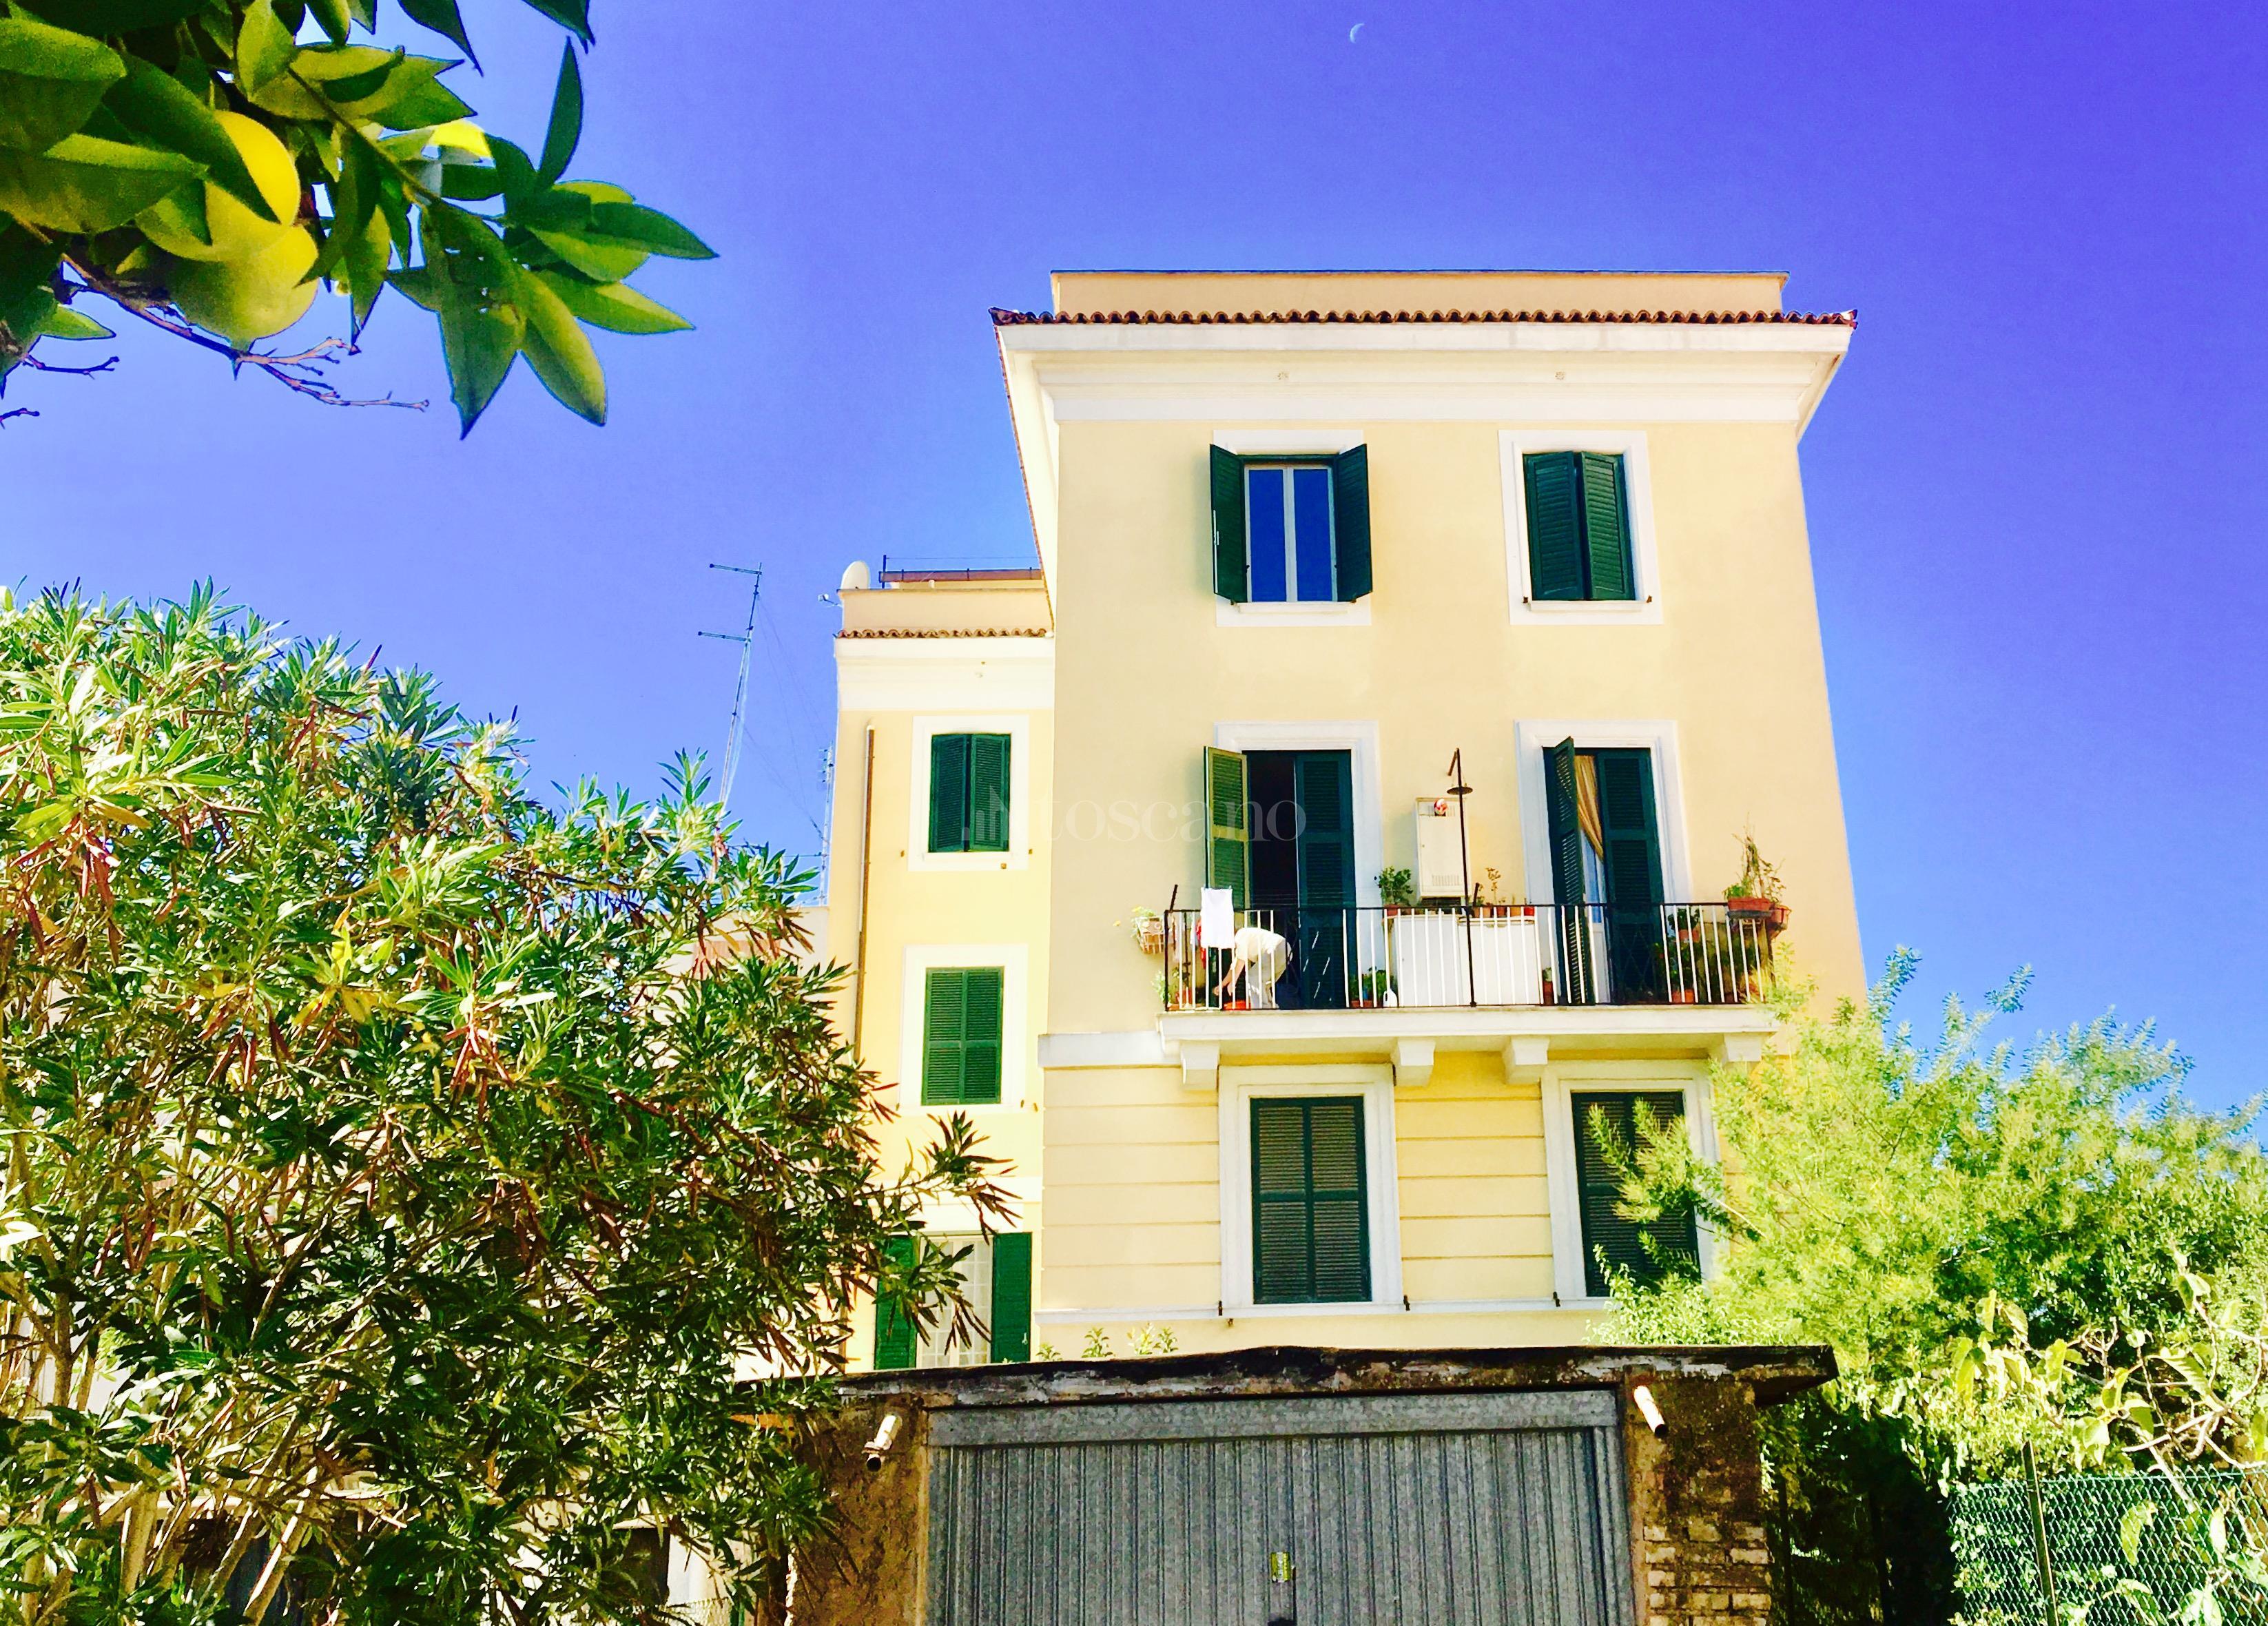 Vendita casa a roma in via giulio salvadori monte mario for Casa a roma vendita